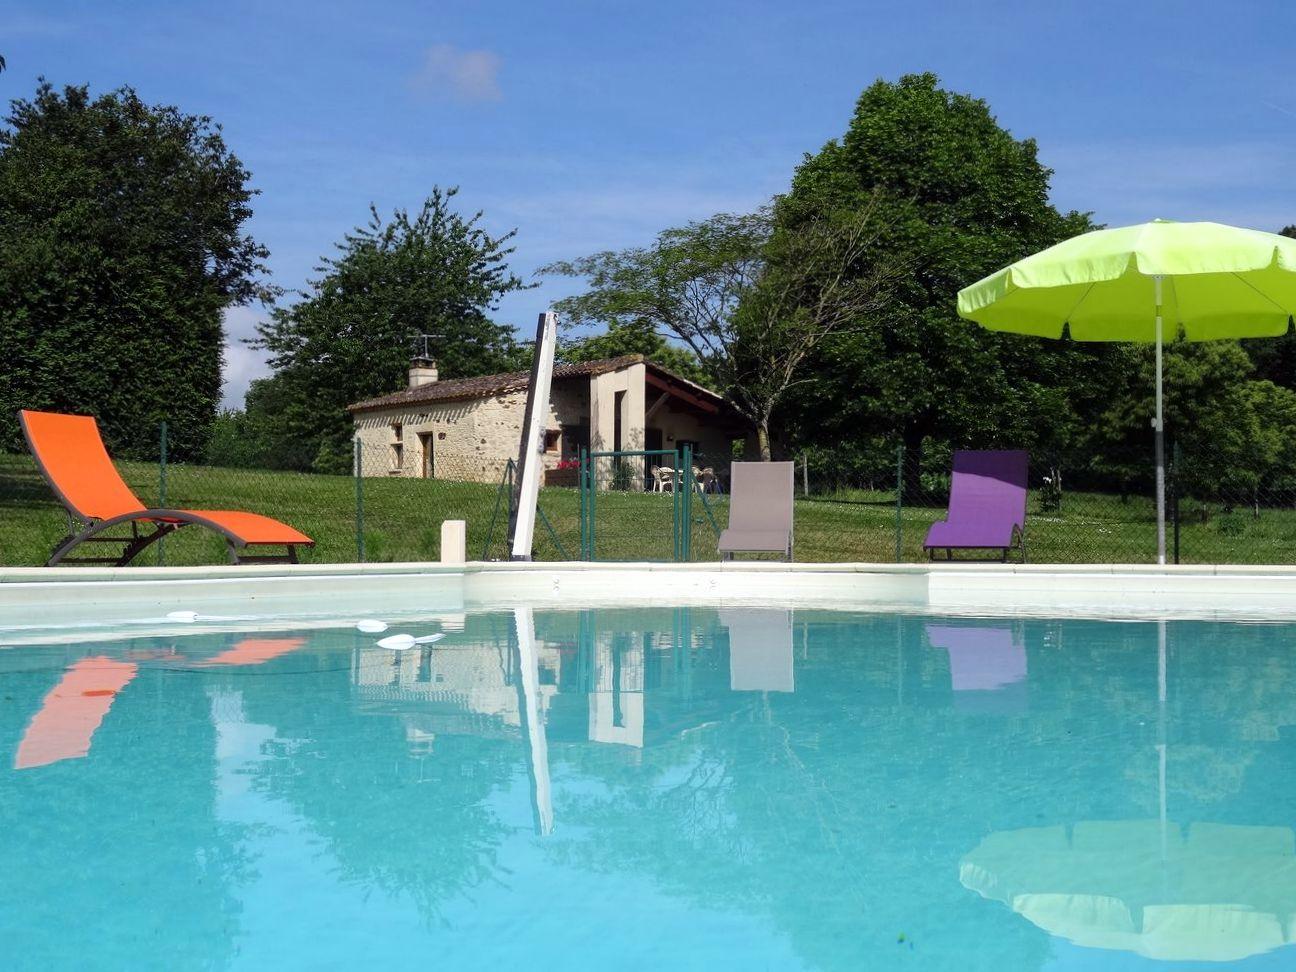 Location de gite au sud de la Dordogne